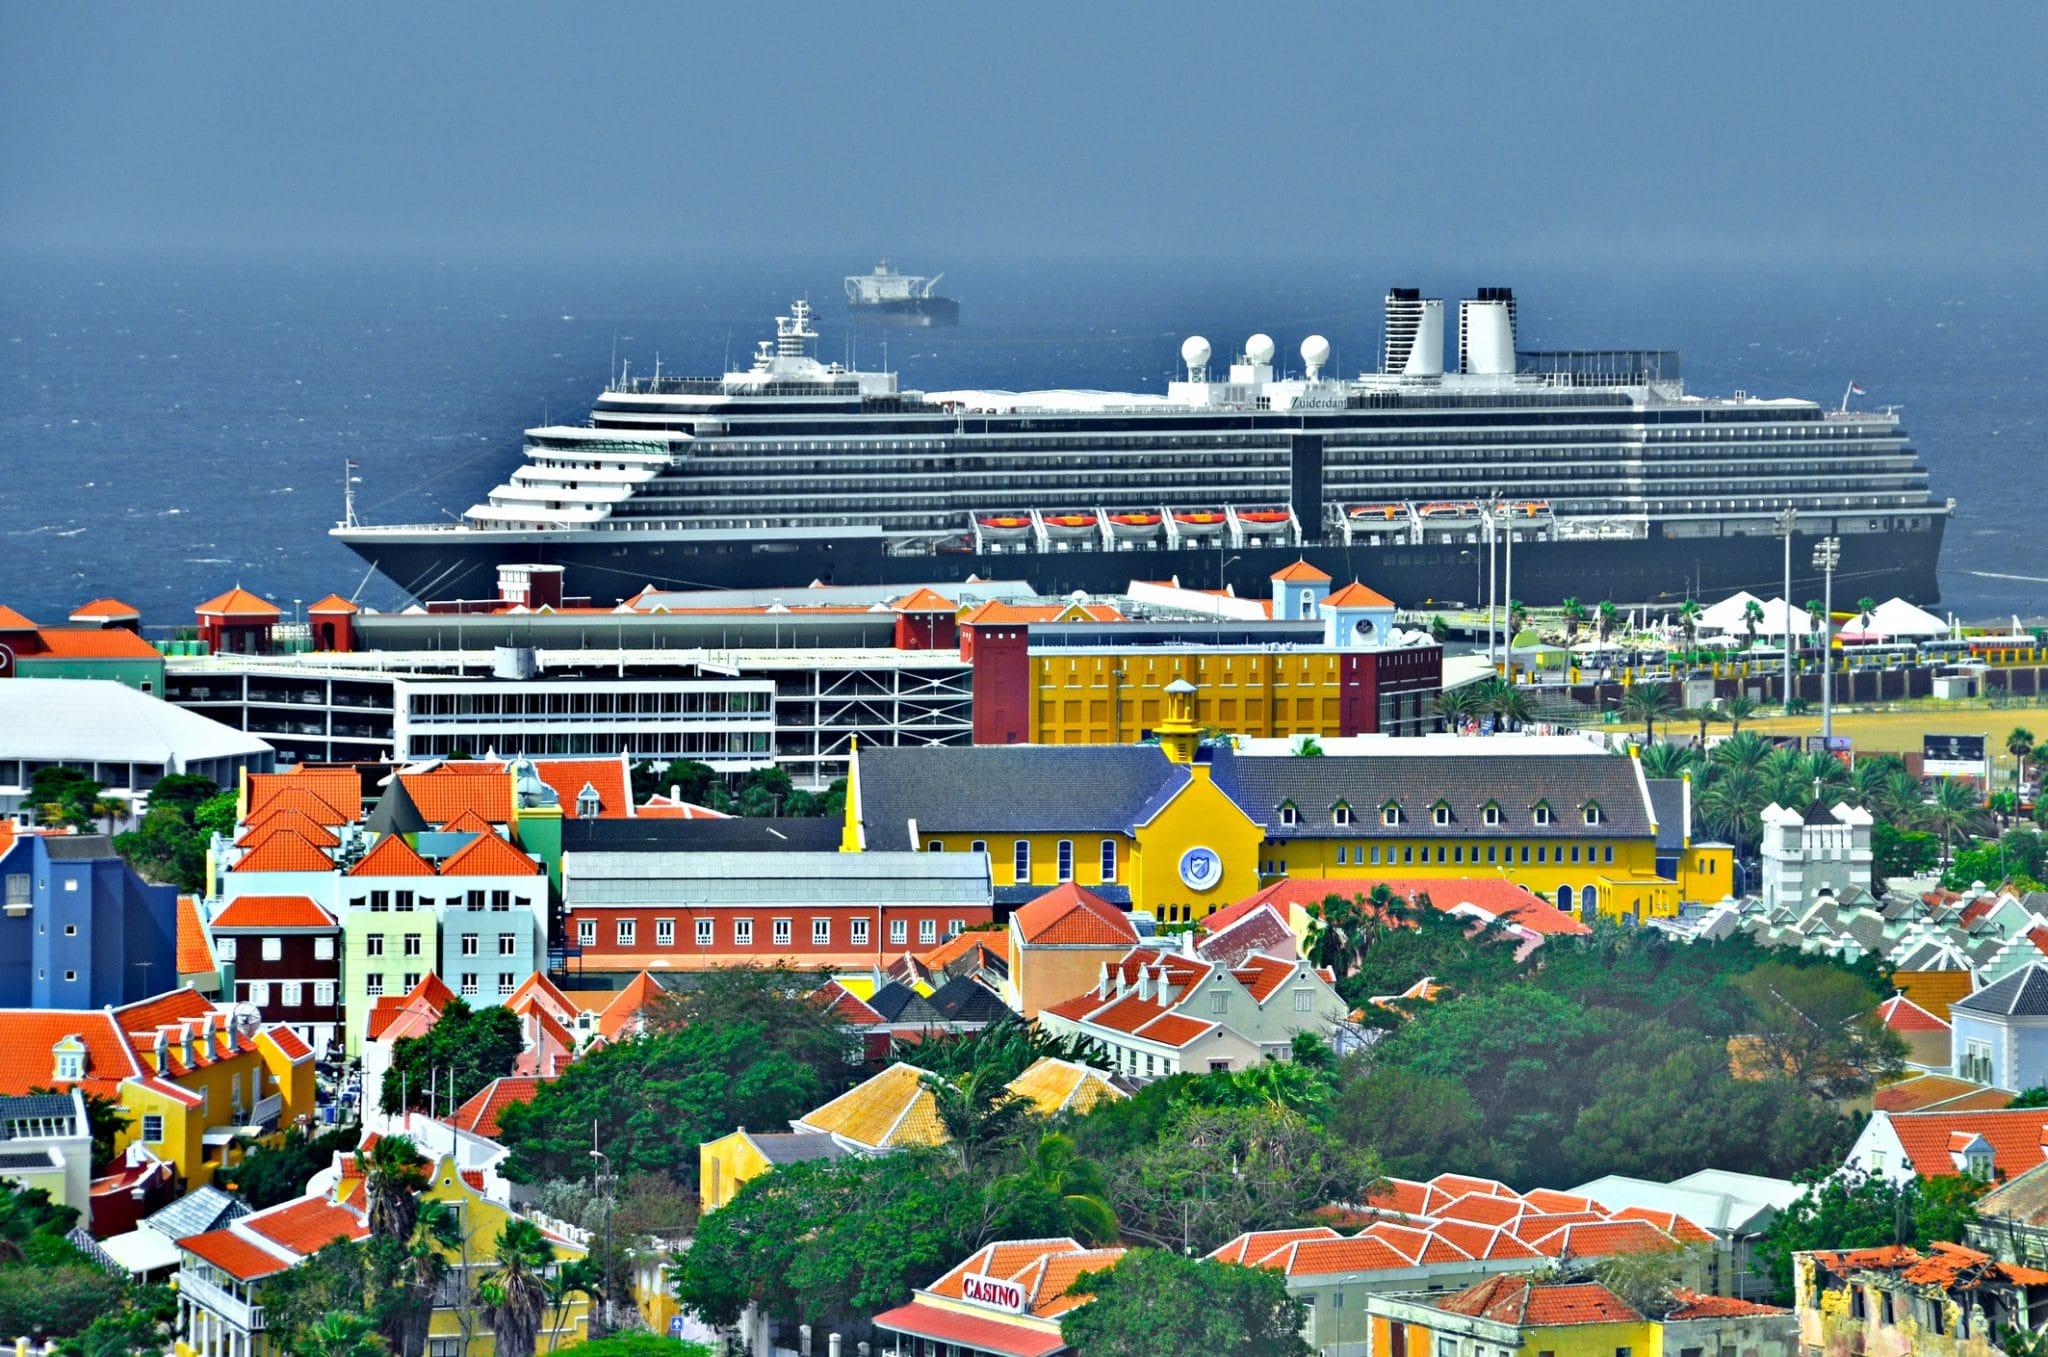 curacao cruise port